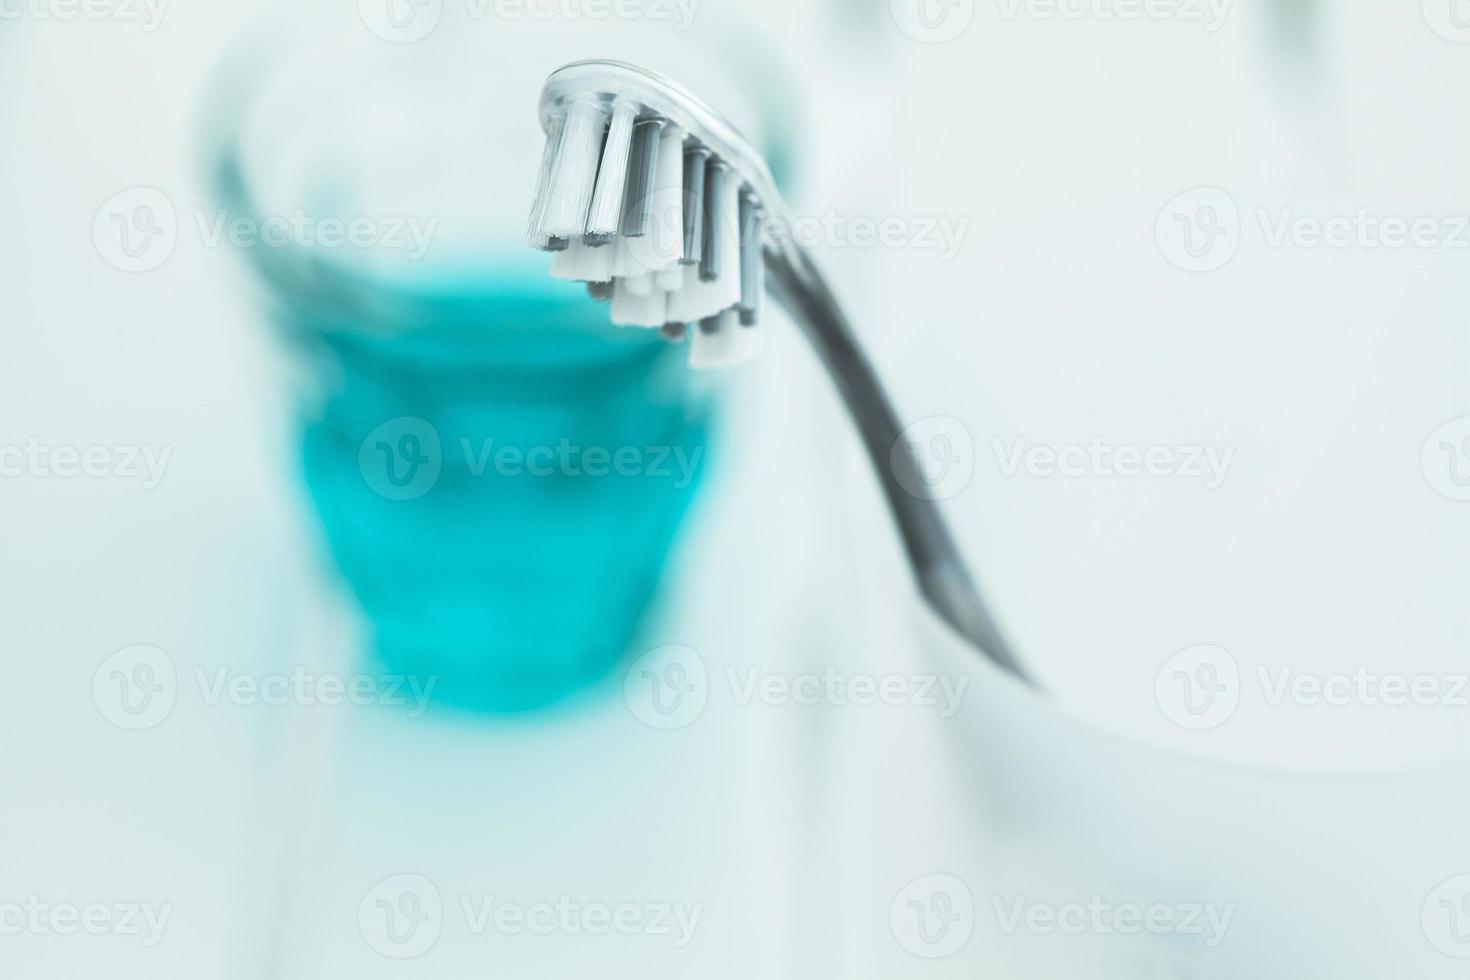 spazzolino da denti in vetro e collutorio foto